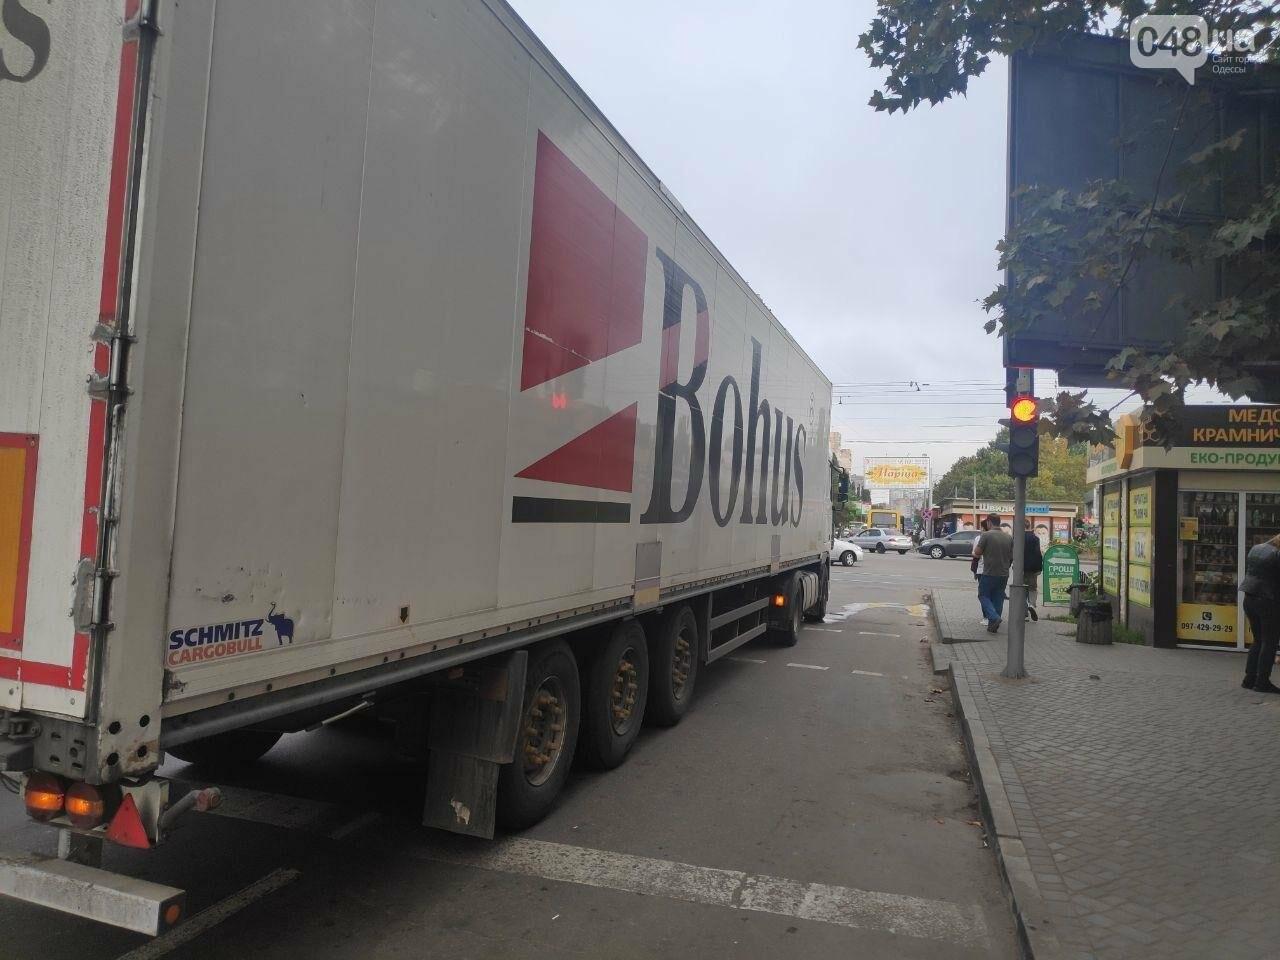 В Одессе грузовик наехал на женщину, она получила травмы, - ФОТО2